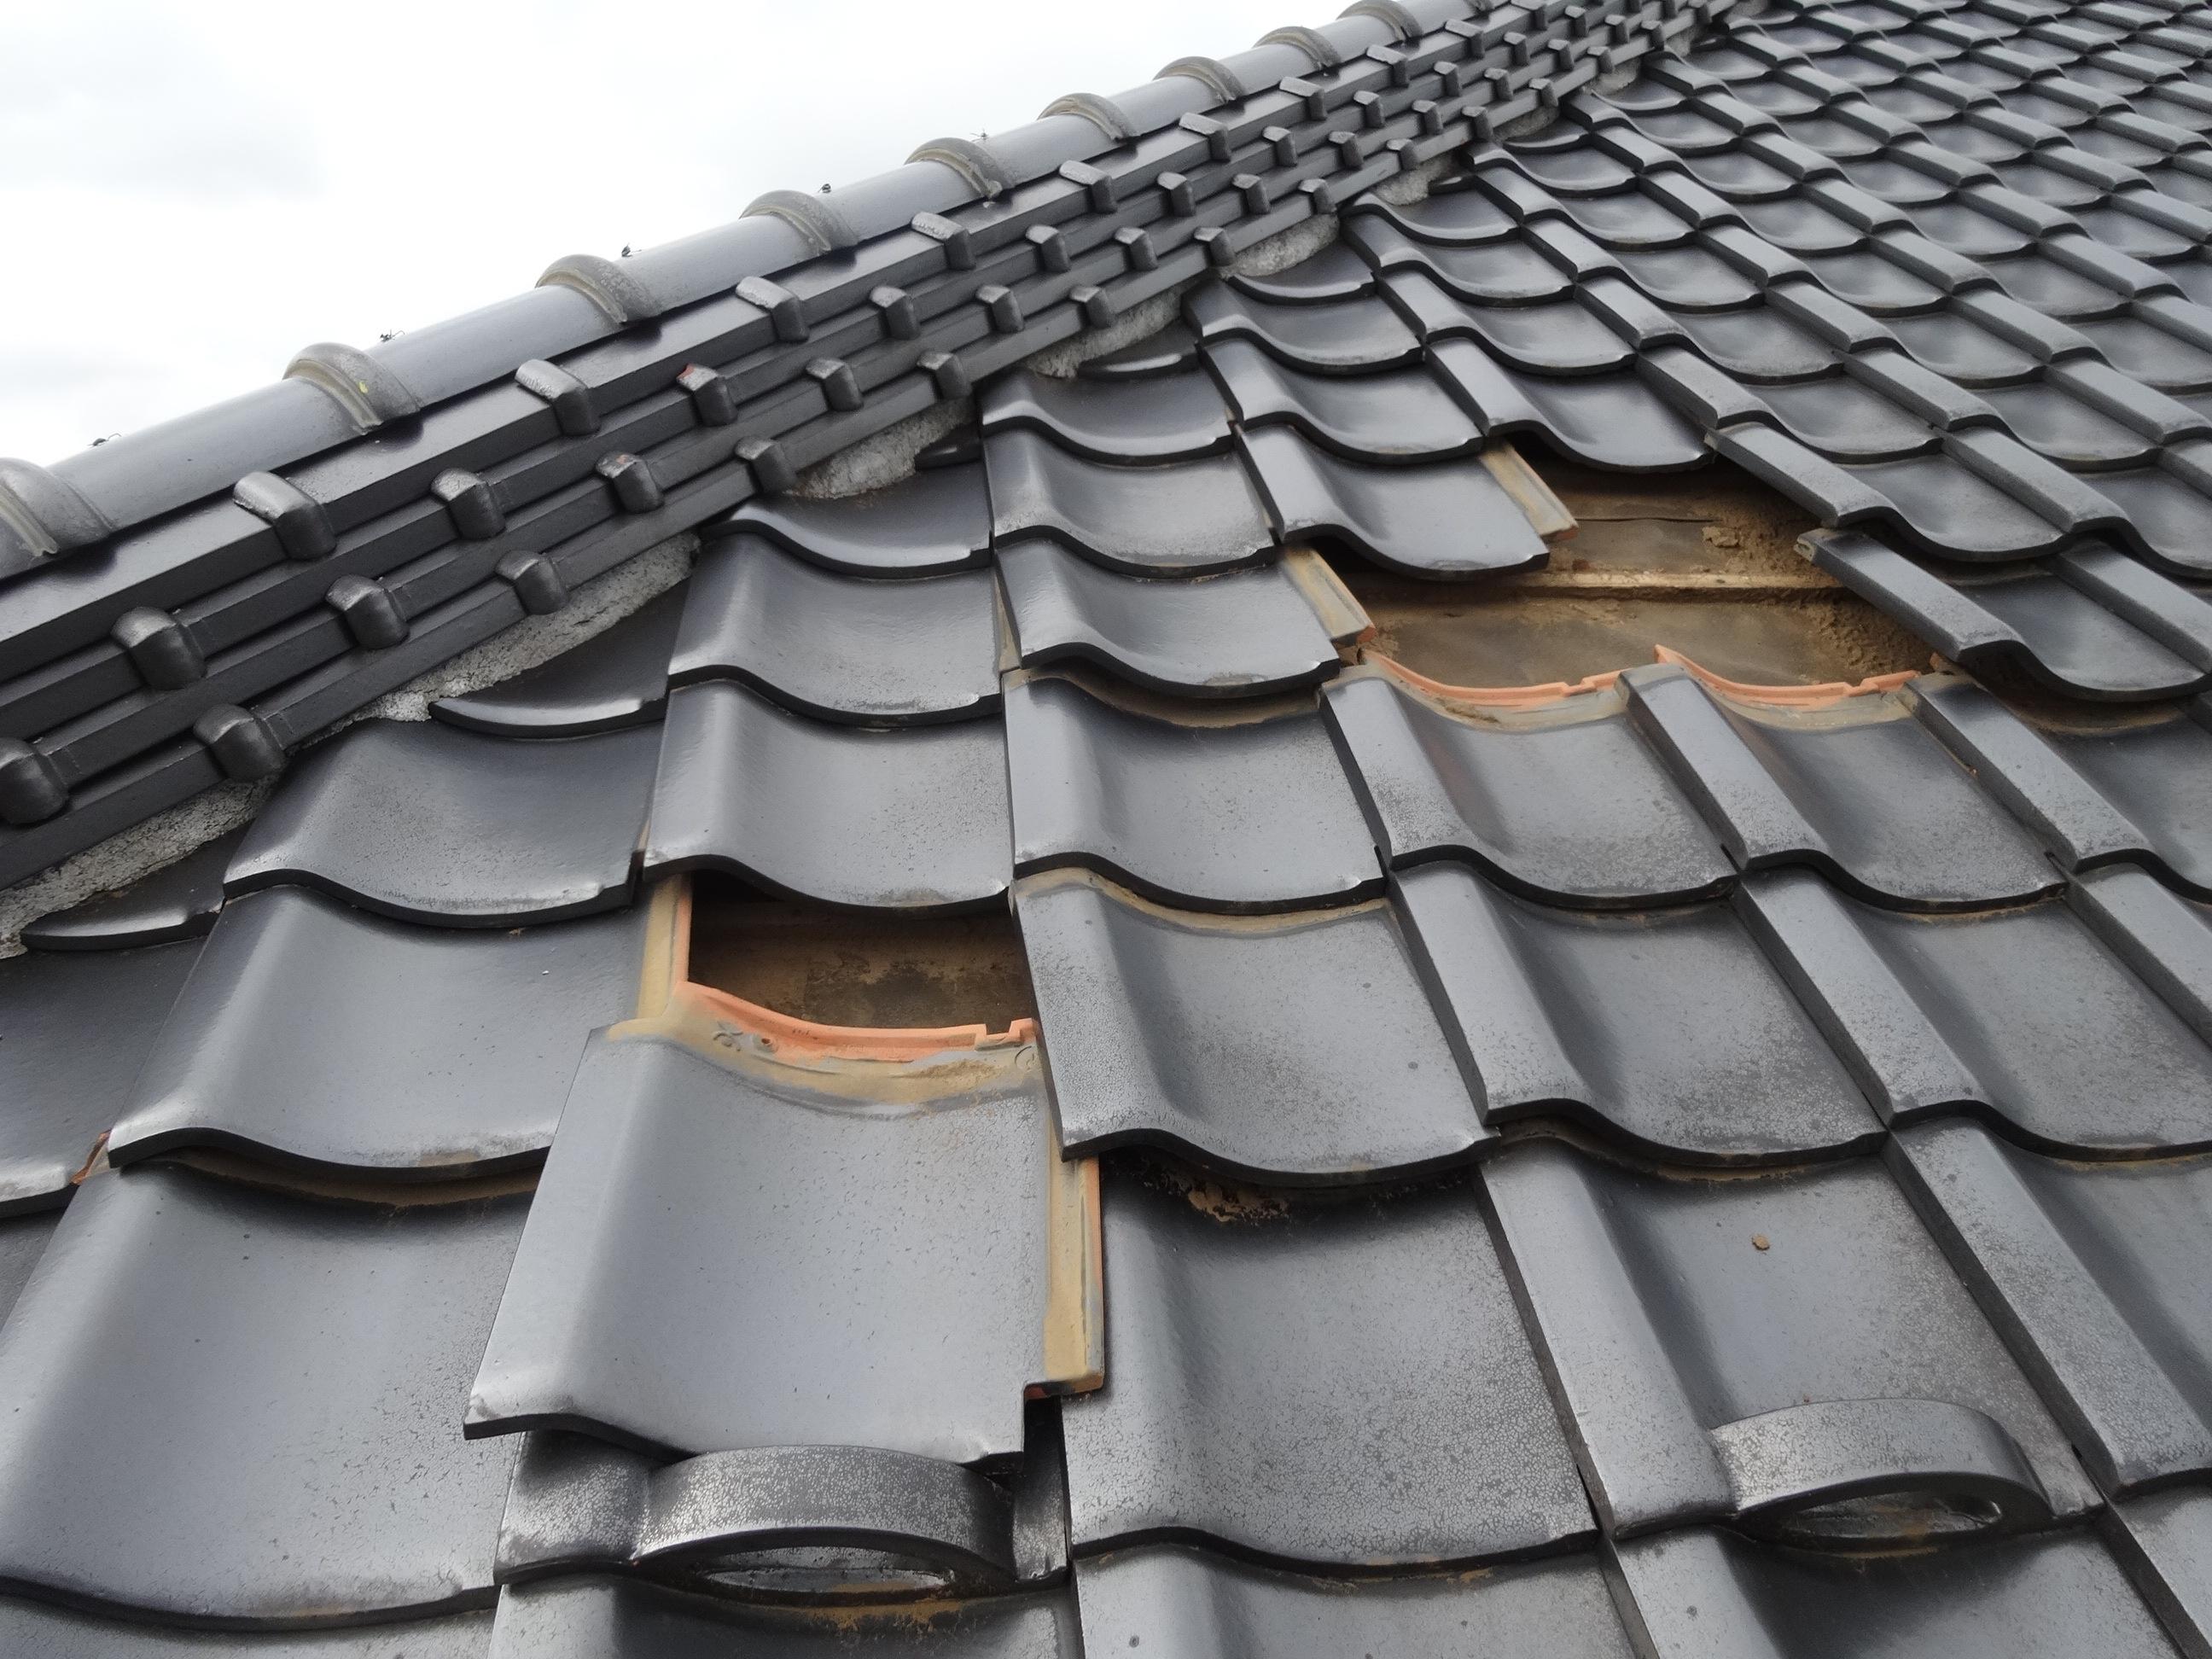 台風後の点検と屋根修理はお早めに|成田市|加藤瓦店